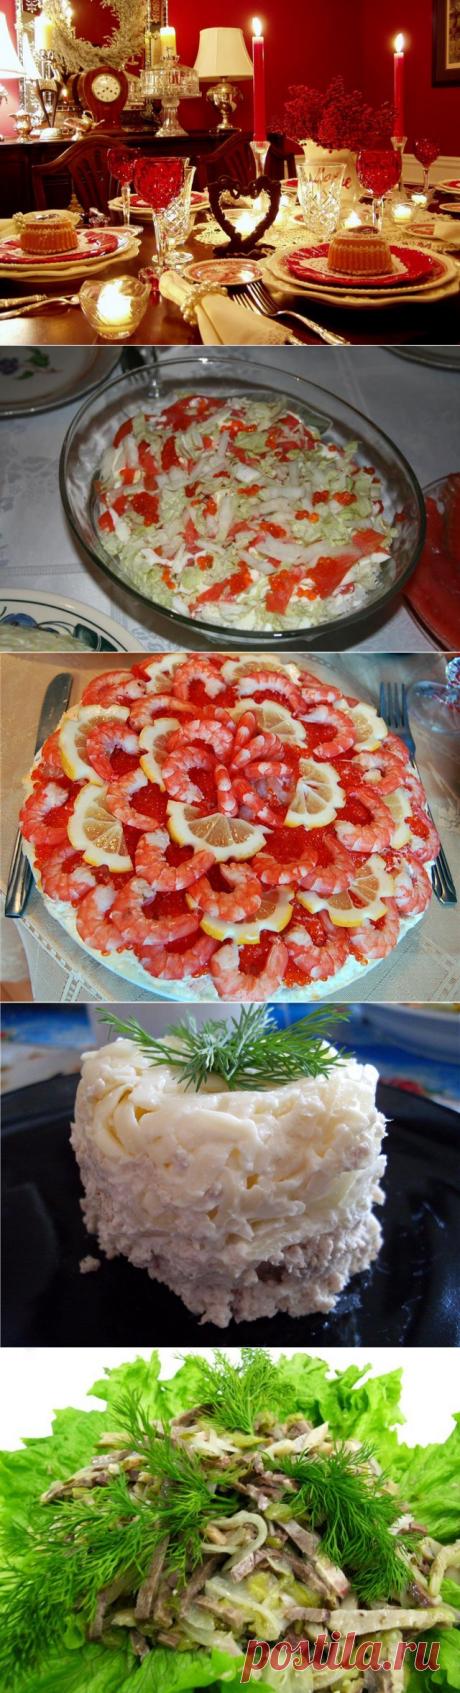 Несколько новогодних салатов - Простые рецепты Овкусе.ру